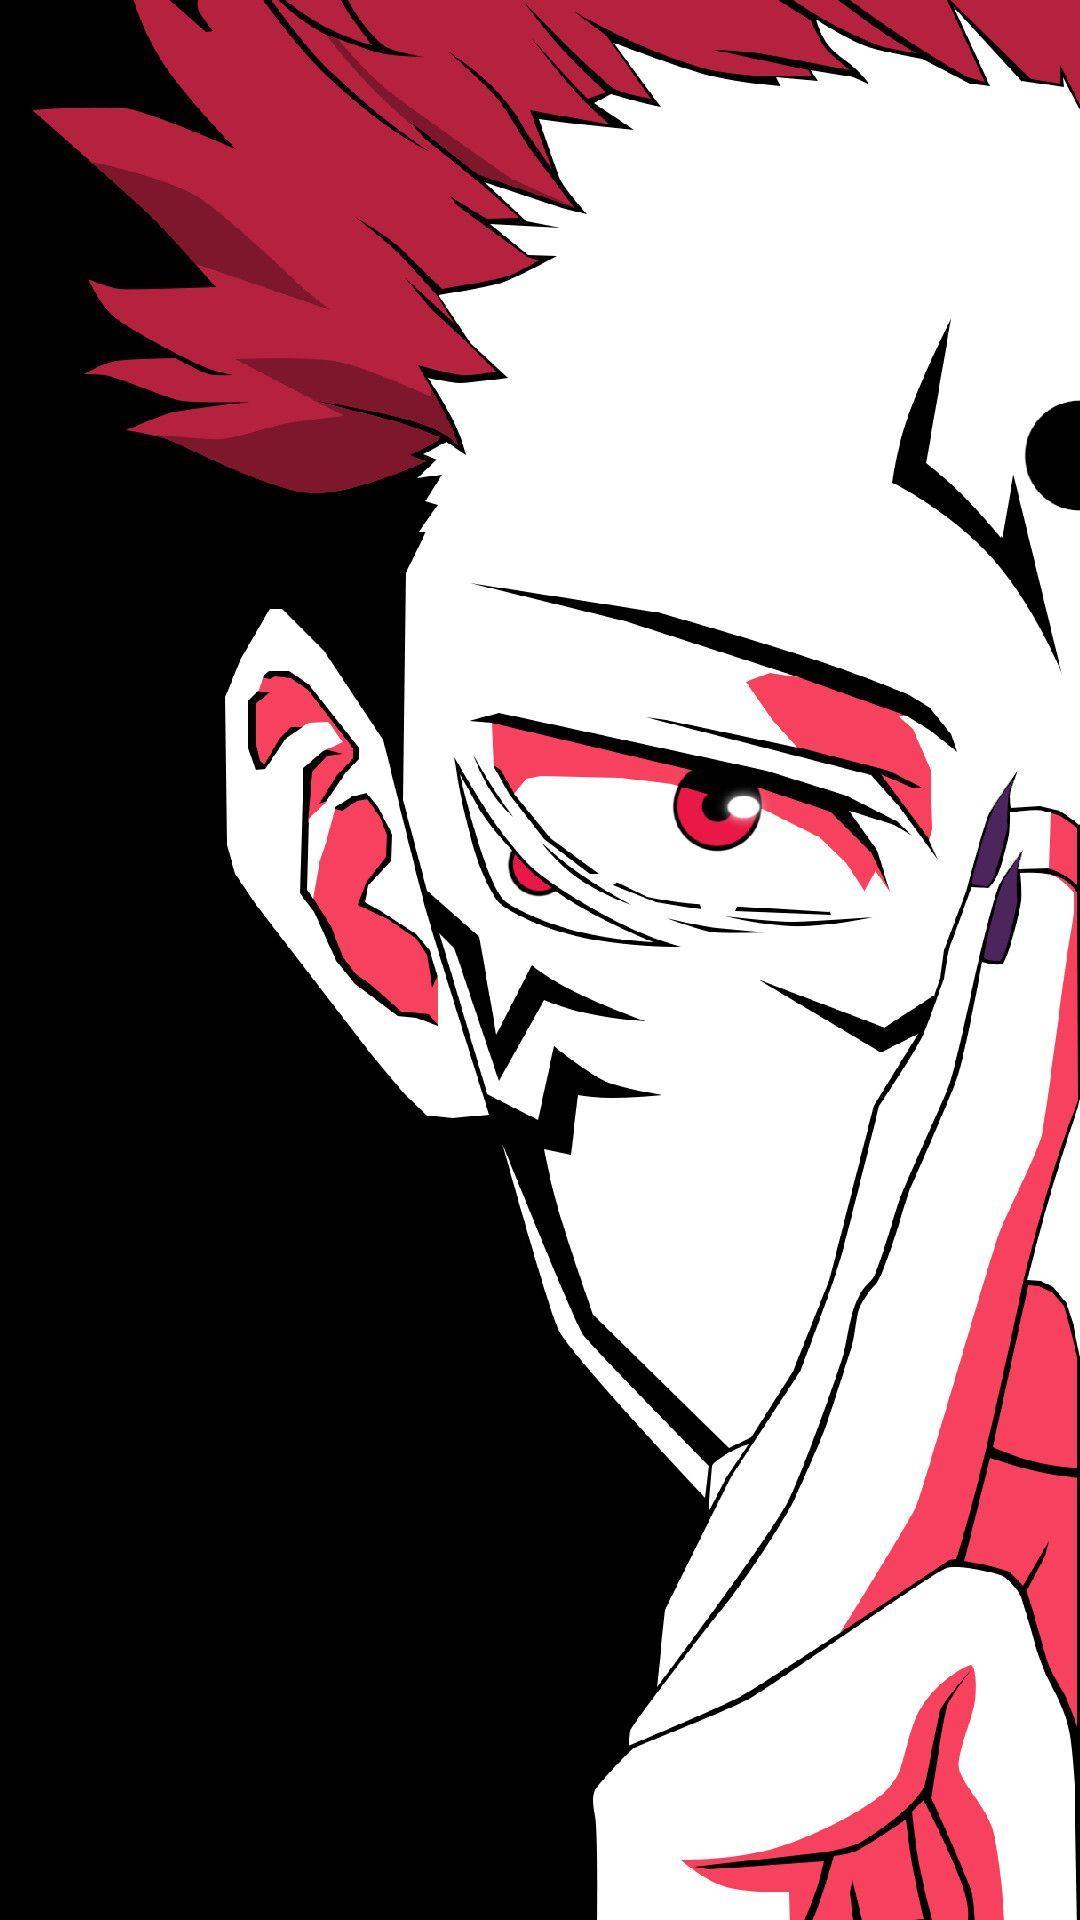 Sukuna And Yuji Itadori Jujutsu Kaisen In 2021 Cool Anime Pictures Jujutsu Anime Wallpaper